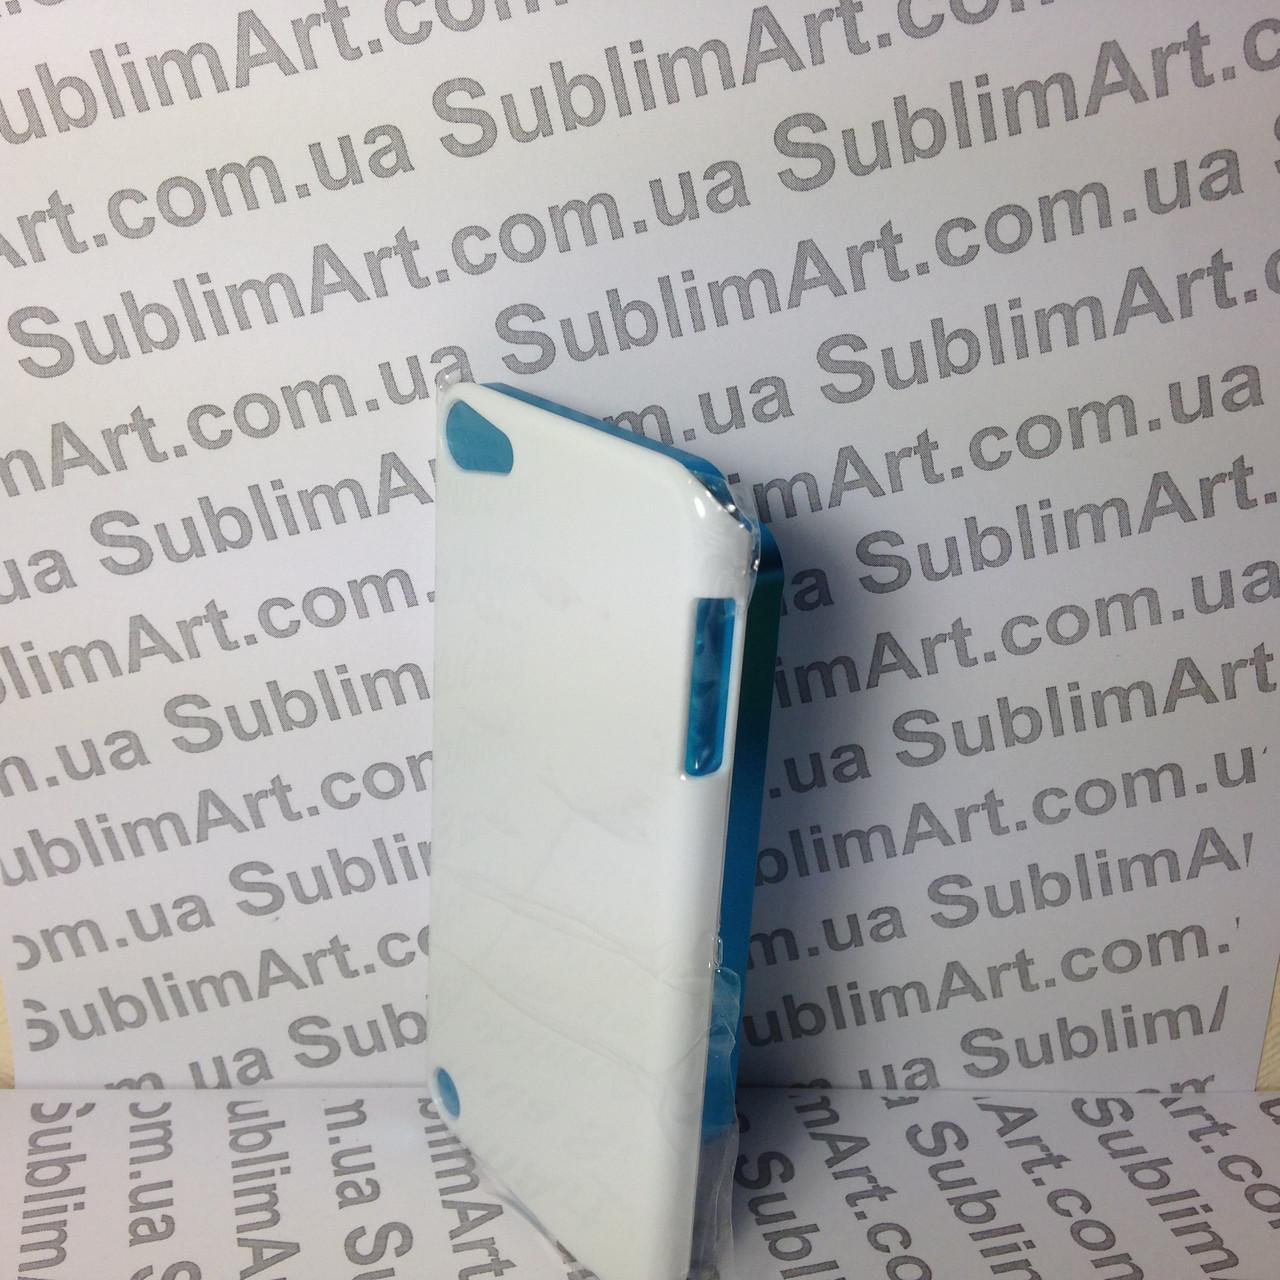 Форма для 3D сублимации на чехлах под Ipod Touch 5